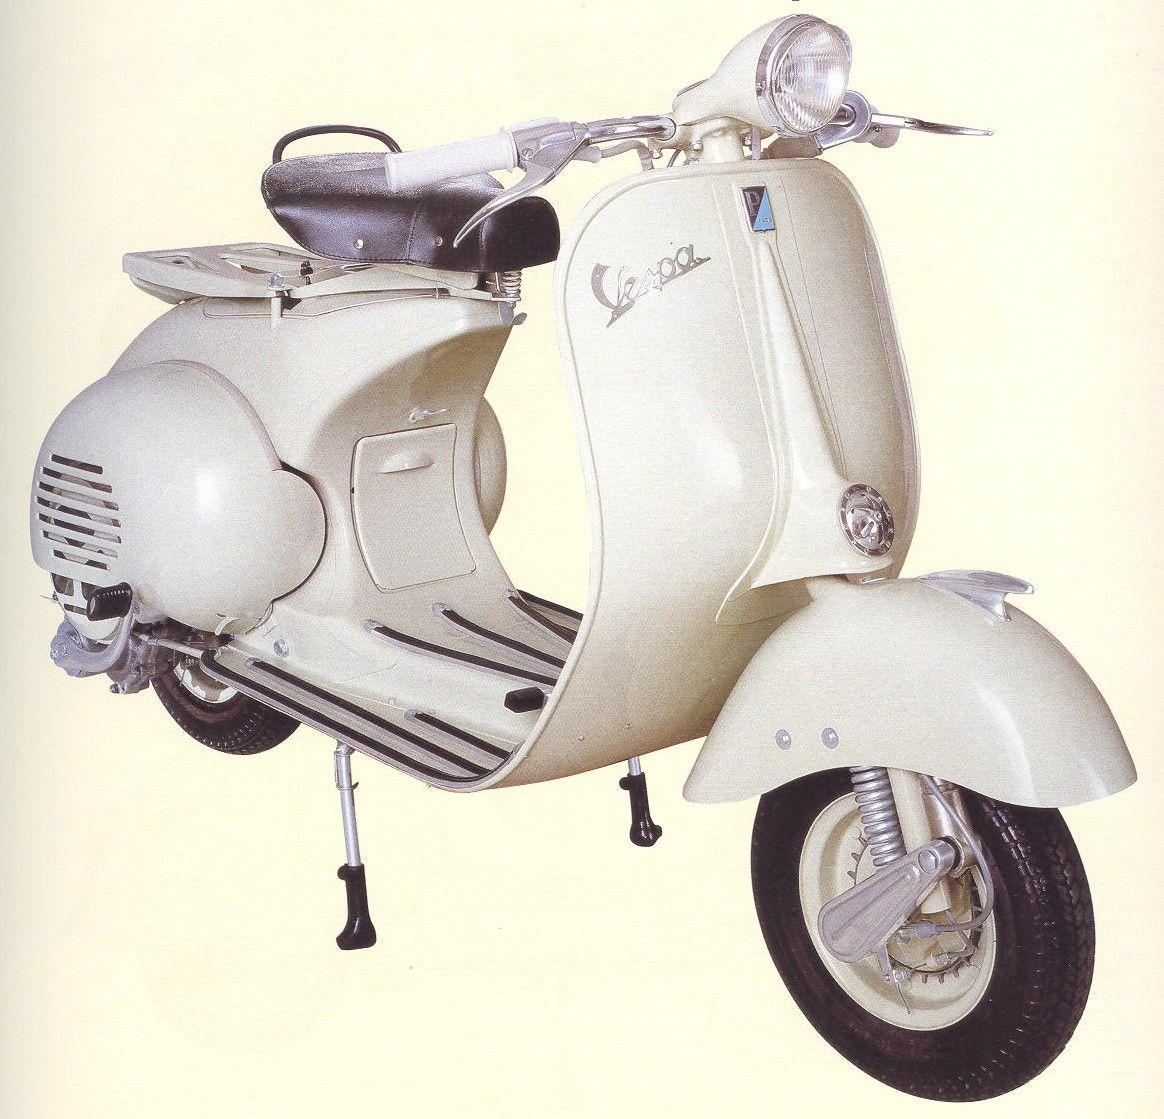 1956 Vespa 150 VL2